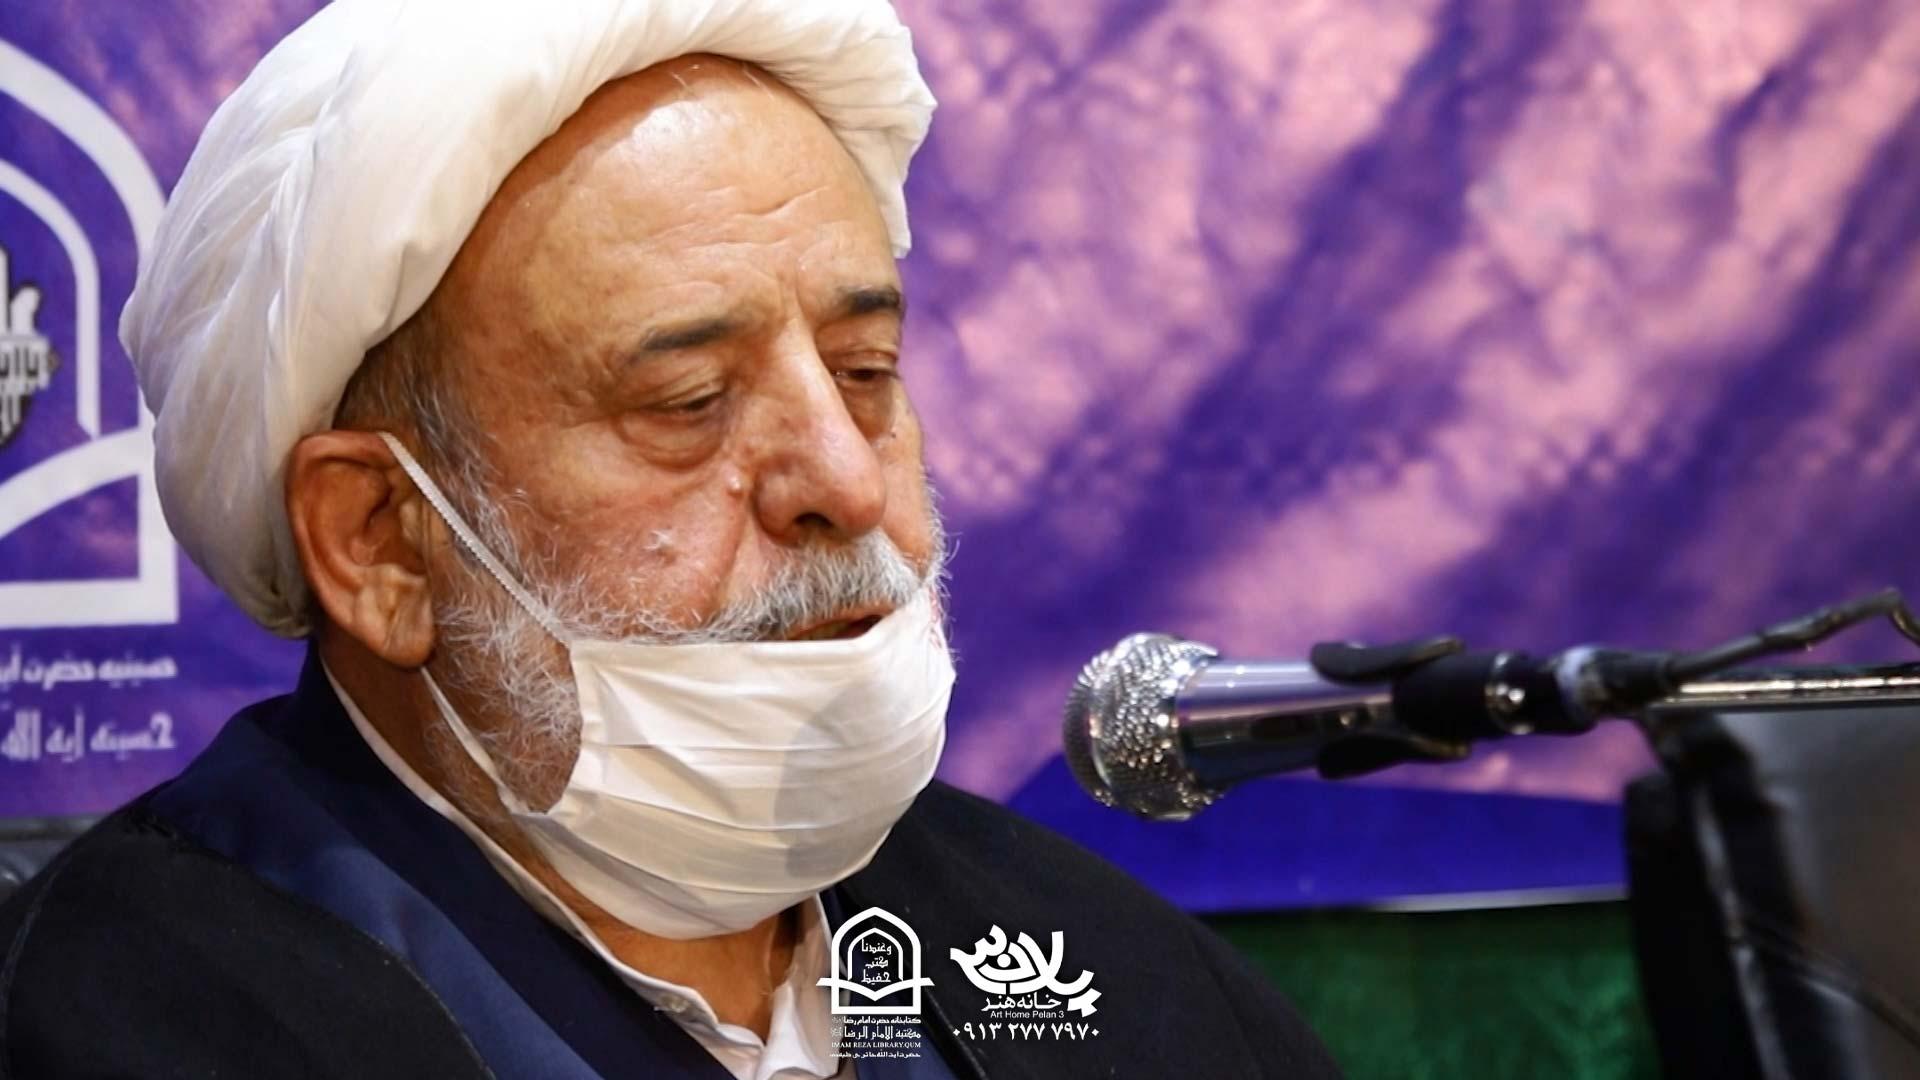 دولت امام حسین شیخ حسین انصاریان